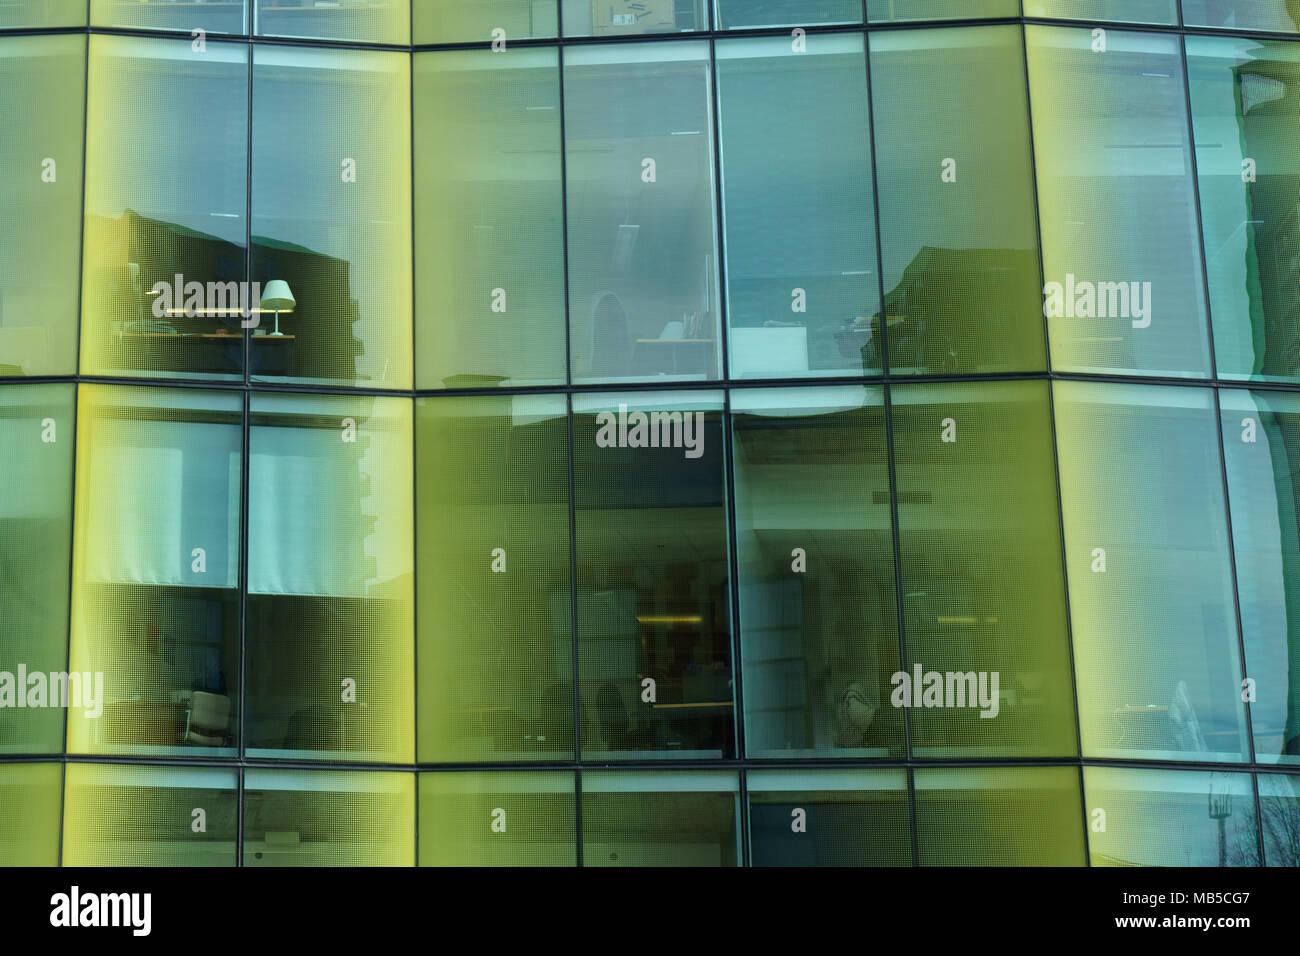 f64fd1cd27 Vista exterior de los cristales tintados de un moderno edificio de oficinas  en el centro de